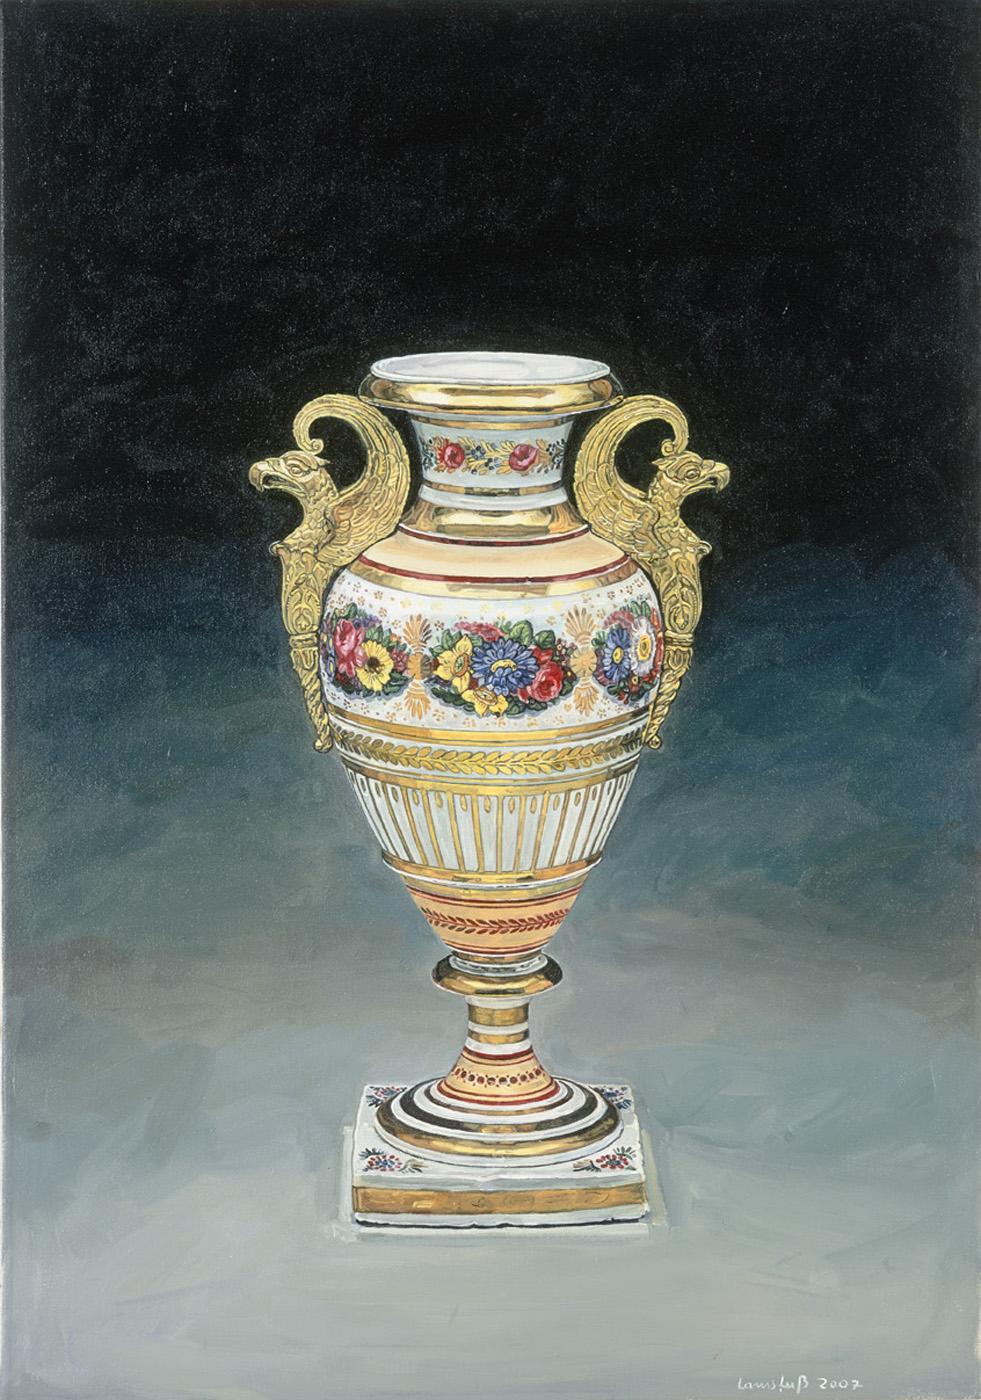 Ulrich Lamsfuss   William Tucker, Vase 1882, Die Kunst der USA, #1 , 2007 oil on canvas 39.4 x 27.6 inches 100 x 70 cm